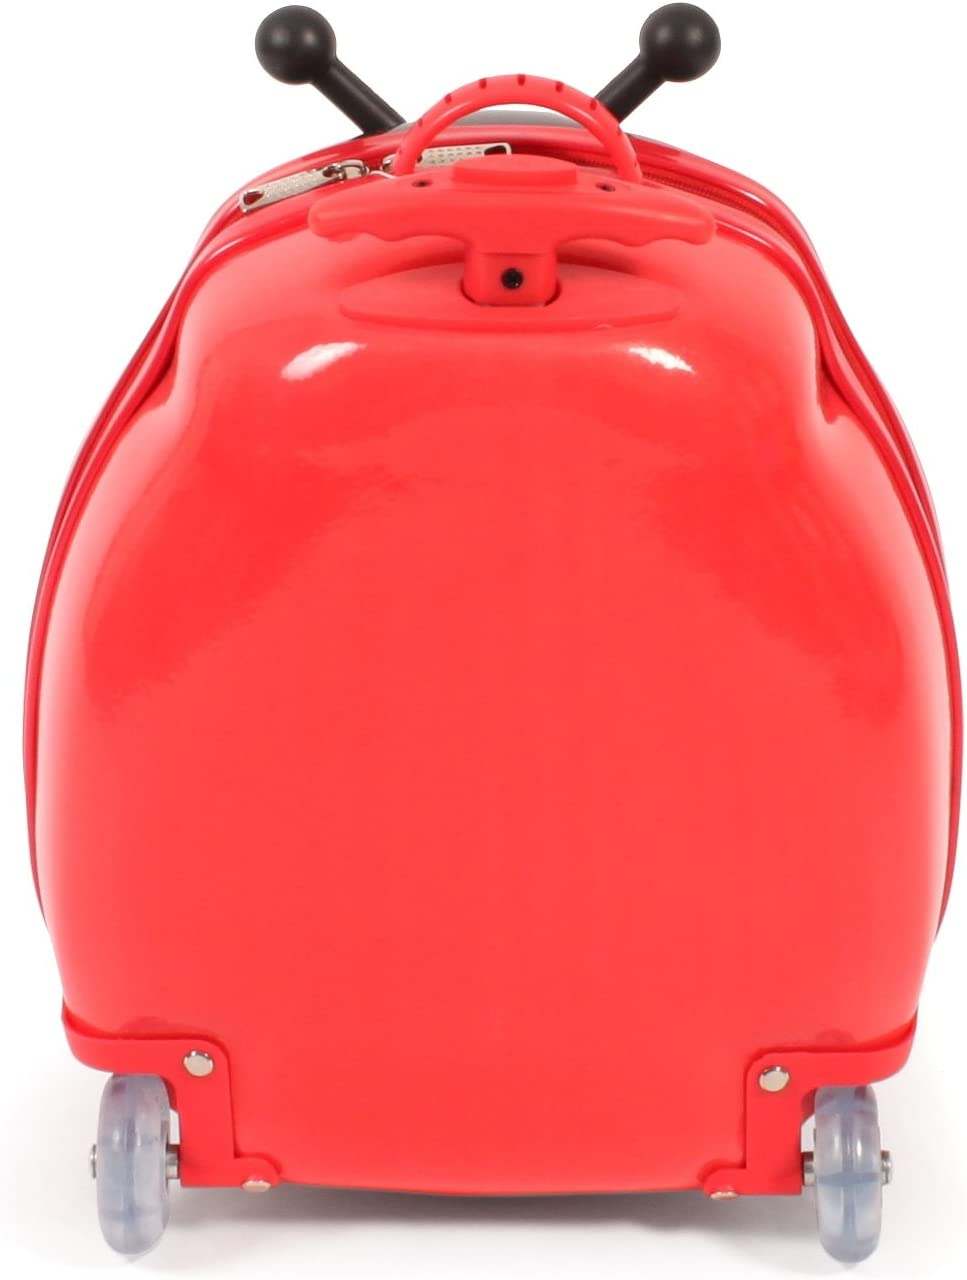 20 liters Rot Bayer Chic 2000 Bouncie Kinder-Trolley mit 3D-Marienk/äfer-Motiv Bagage Enfant 40 cm Rouge